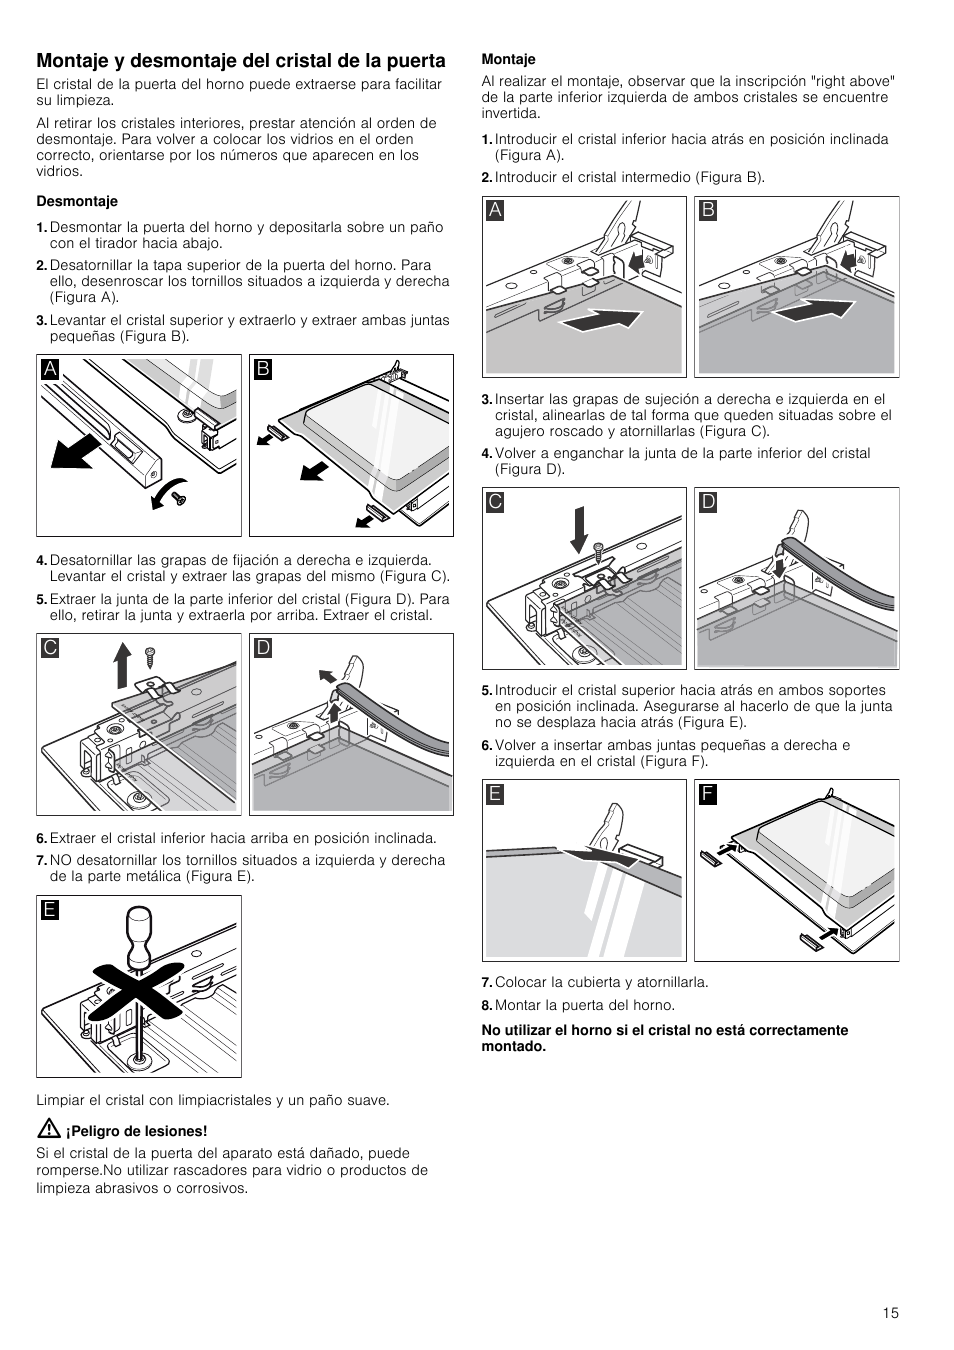 Montaje Y Desmontaje Del Cristal De La Puerta Desmontaje Peligro  ~ Como Limpiar El Cristal Del Horno